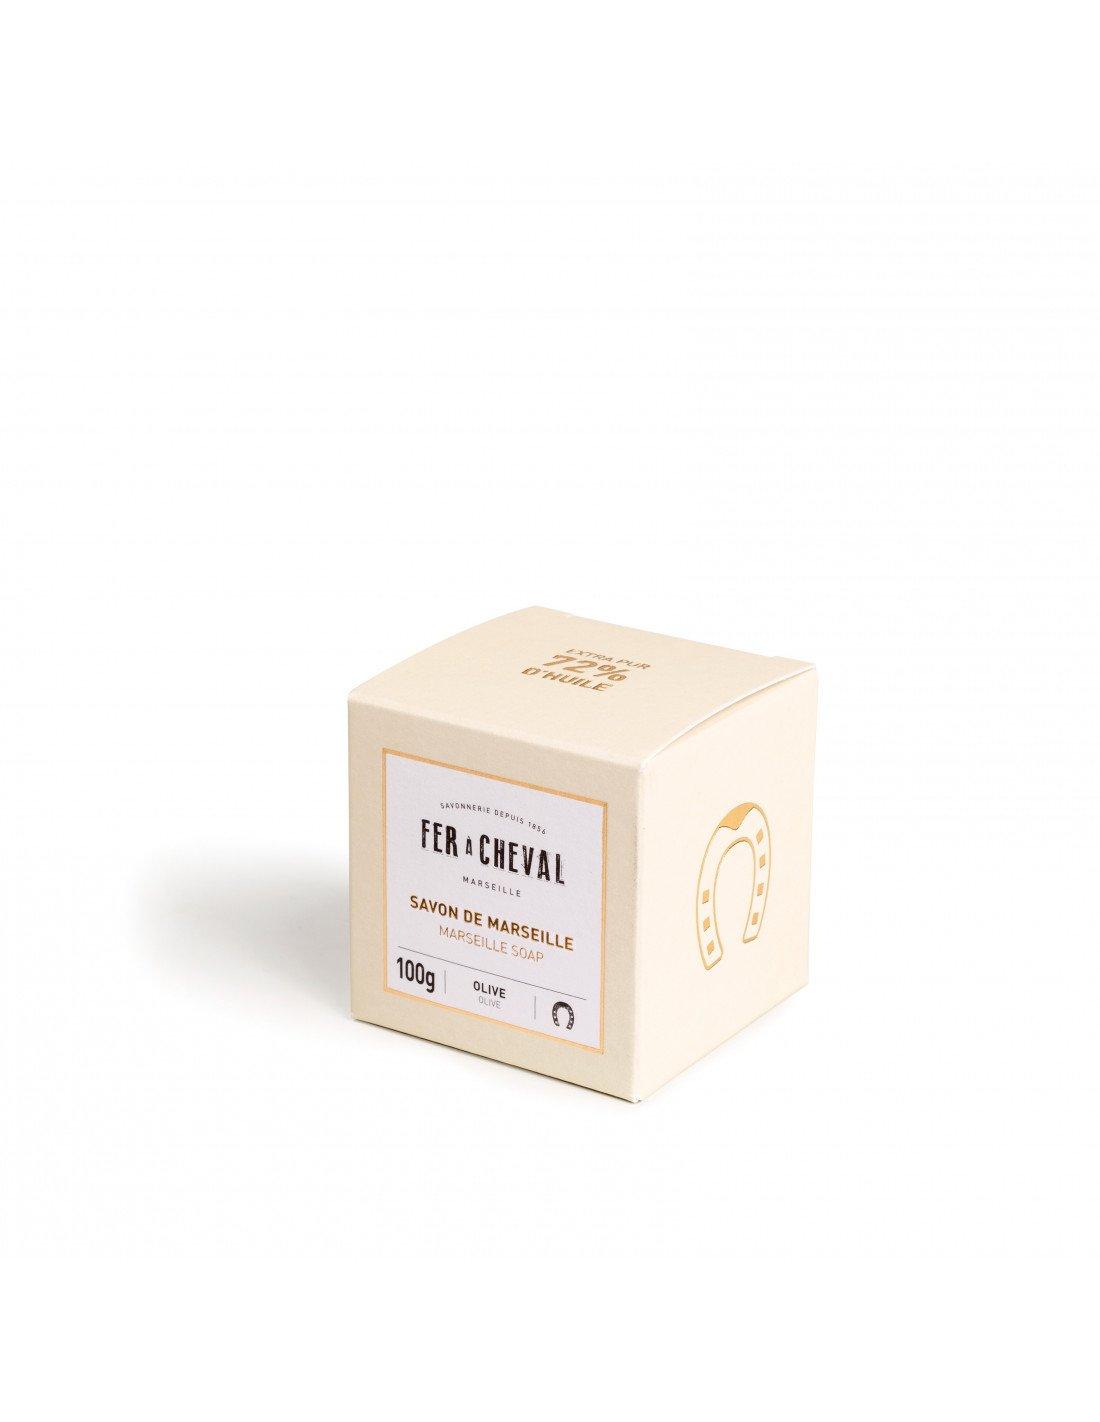 Cadeau savon de marseille 72 huile olive 100g for Fer a cheval savon de marseille